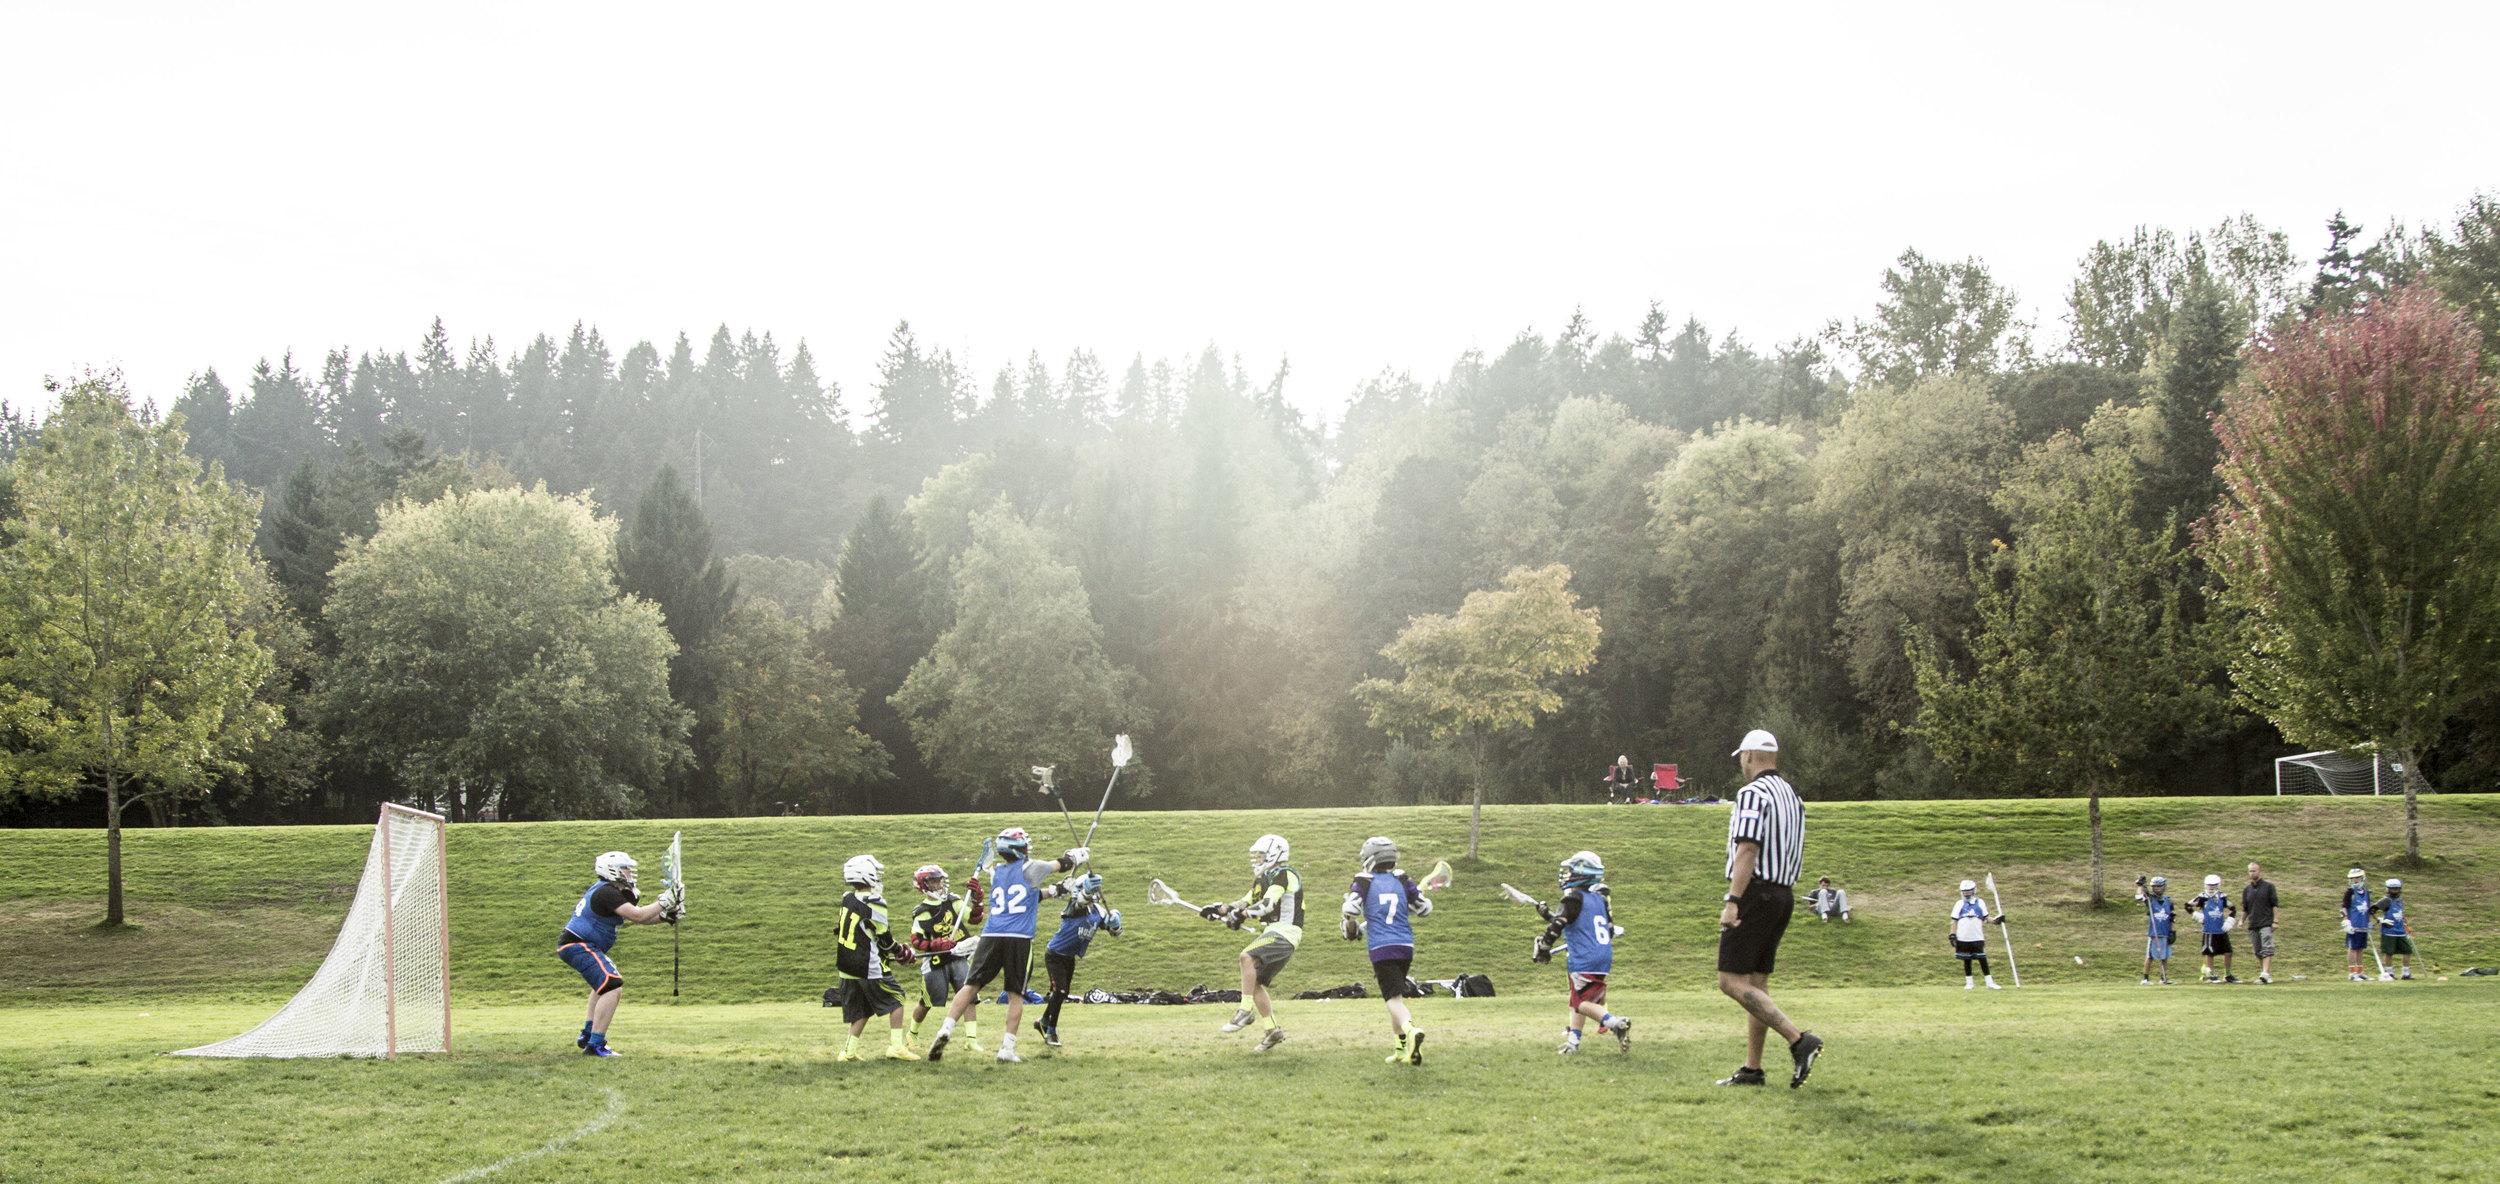 Kids-playing-in-field-Sunlight.jpg